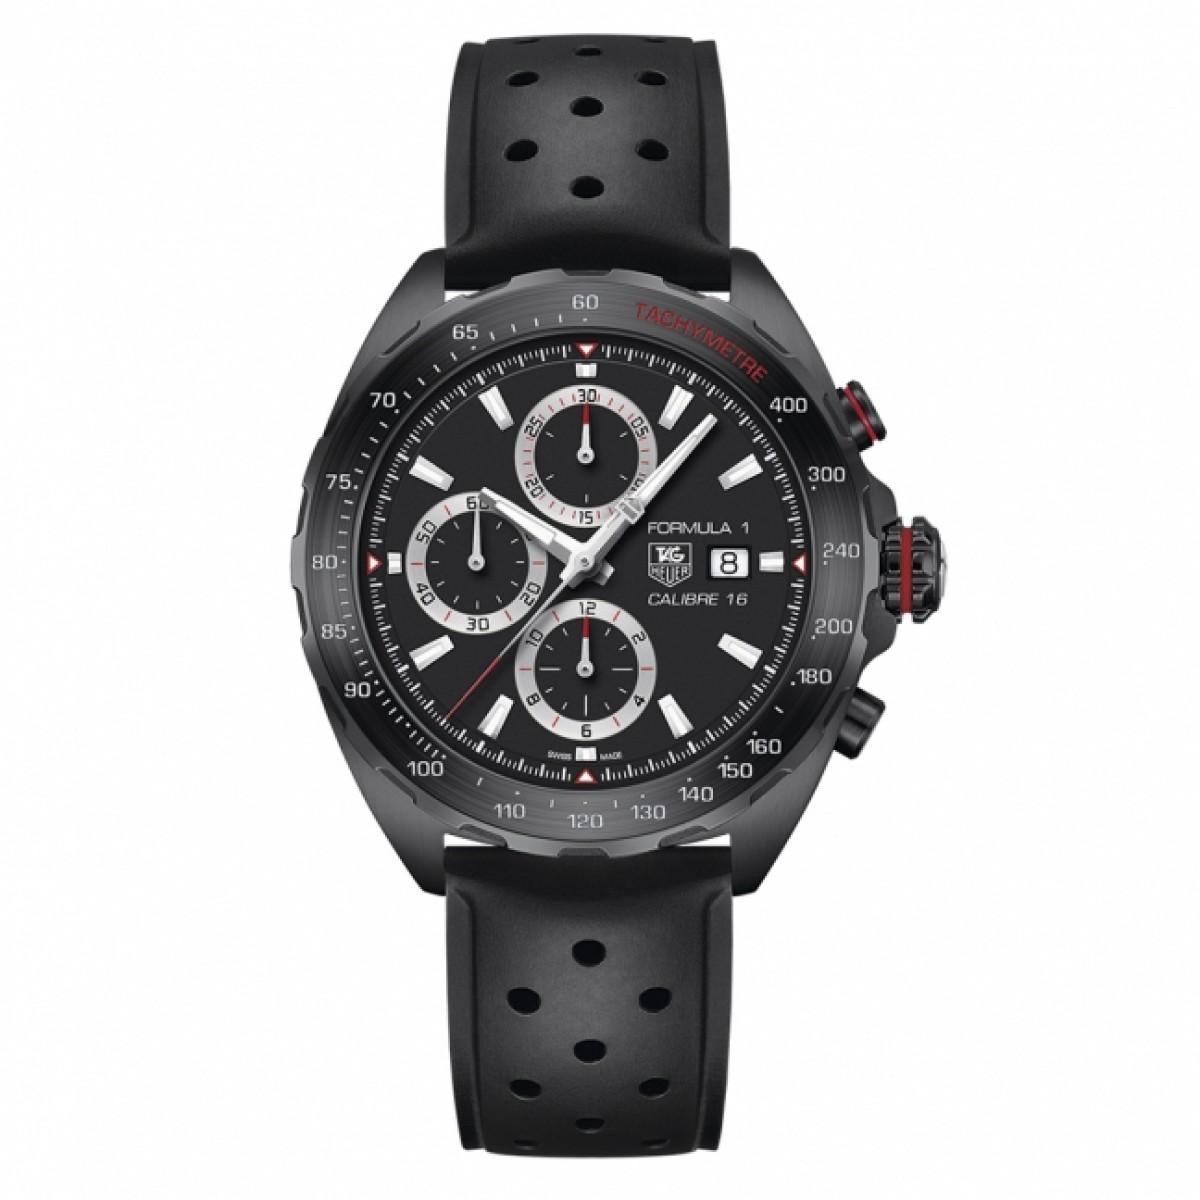 95bba24966c Relógio Réplica Tag Heuer Formula 1 Calibre 16